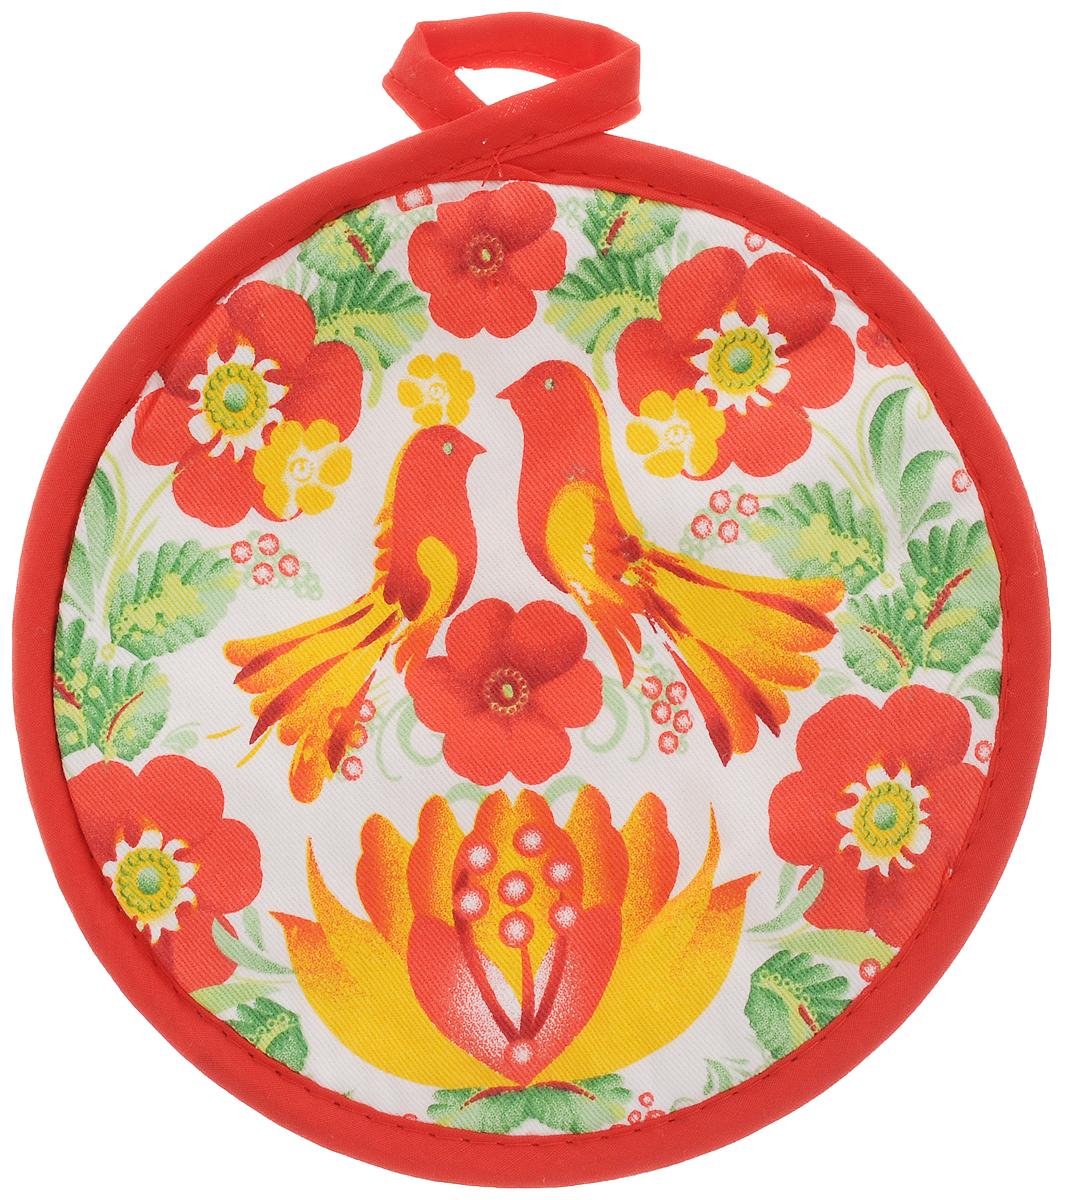 Прихватка Bonita Жар-птица, диаметр 18 см1101211575Прихватка Bonita выполнена из натурального хлопка и декорирована оригинальным рисунком. Изделие оснащено специальной петелькой, за которую его можно подвесить на крючок в любом удобном для вас месте. Такая прихватка красиво дополнит интерьер кухни.